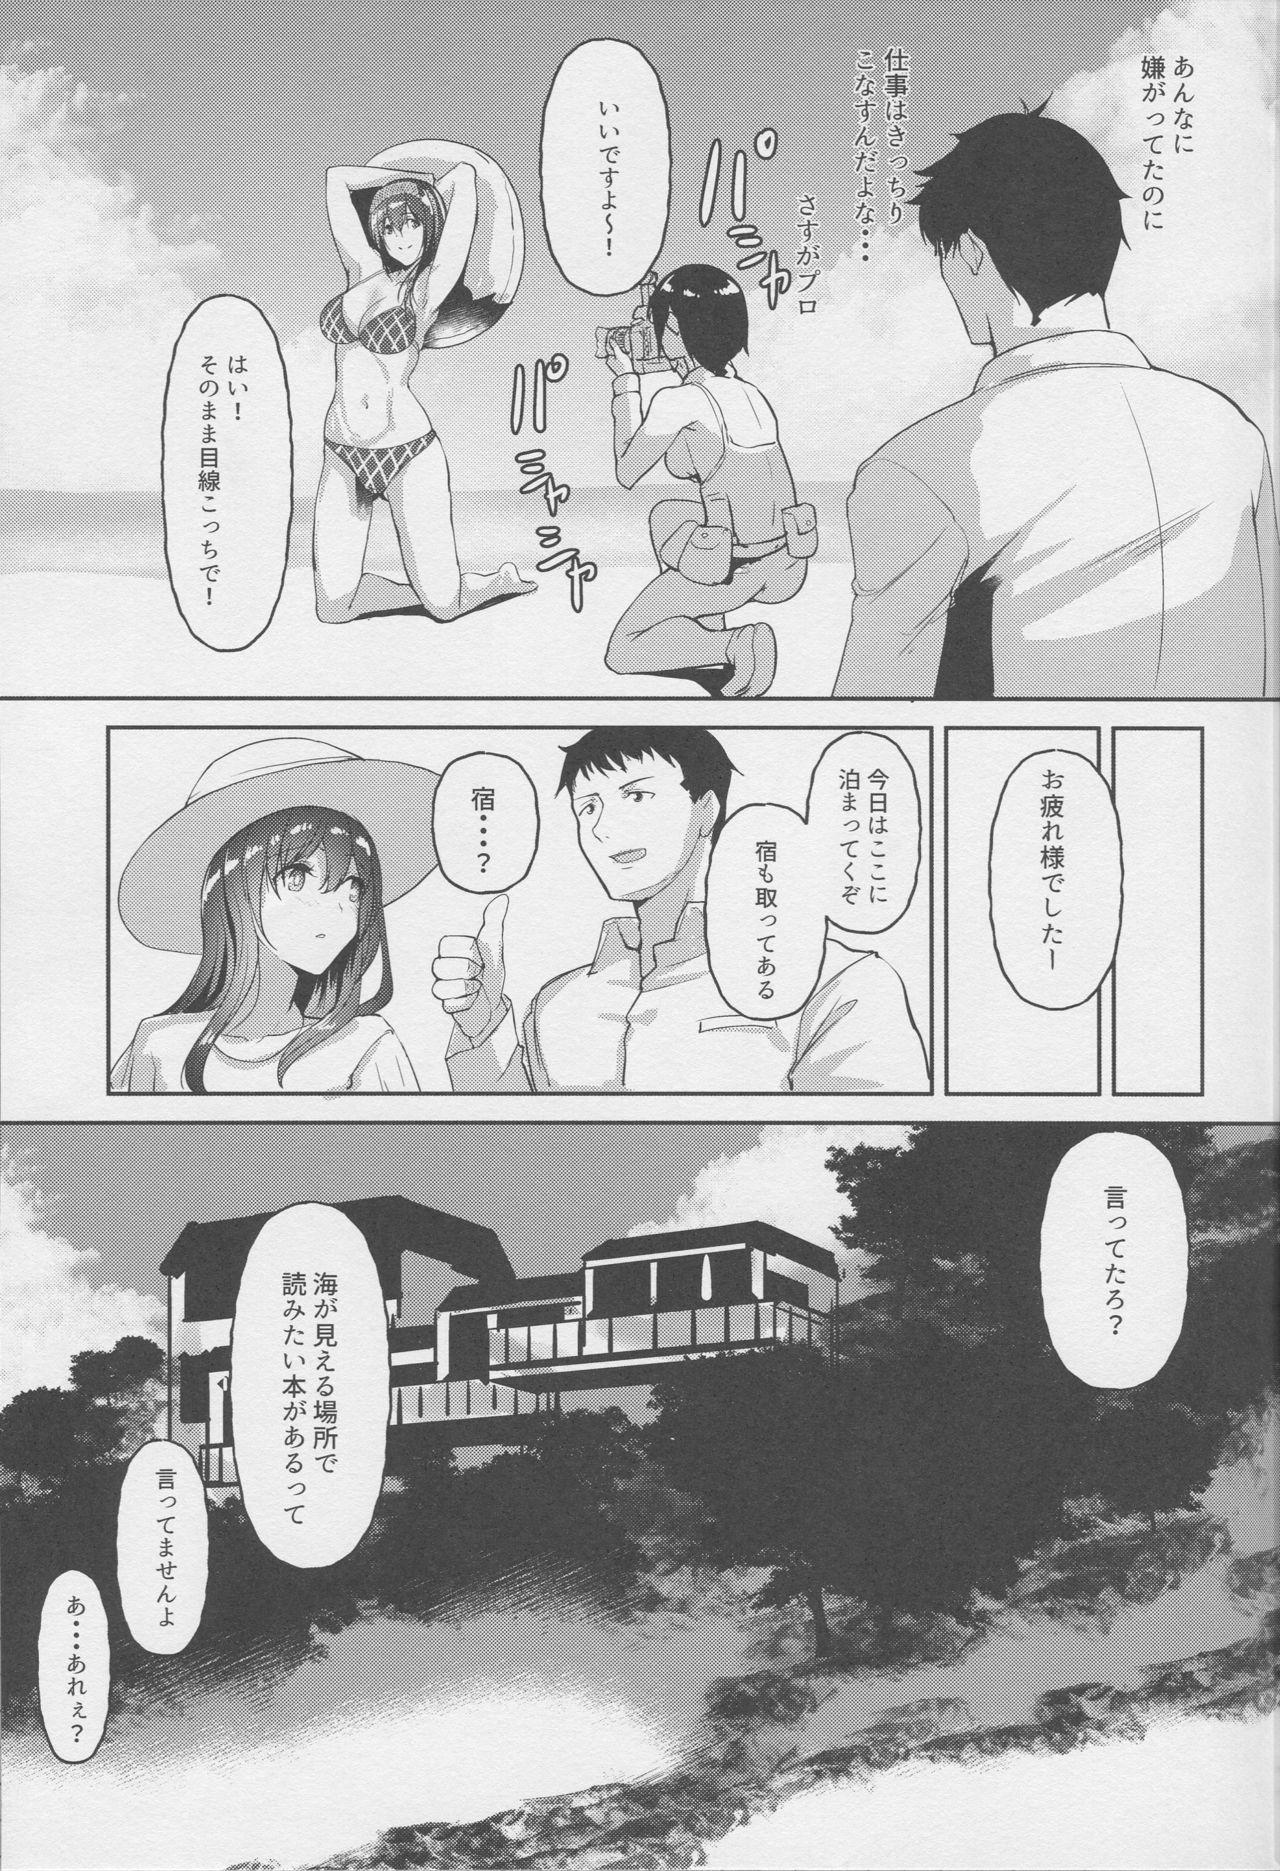 Kimi ga Iru Nichijou, Umi no Mieru Ano Basho de 15